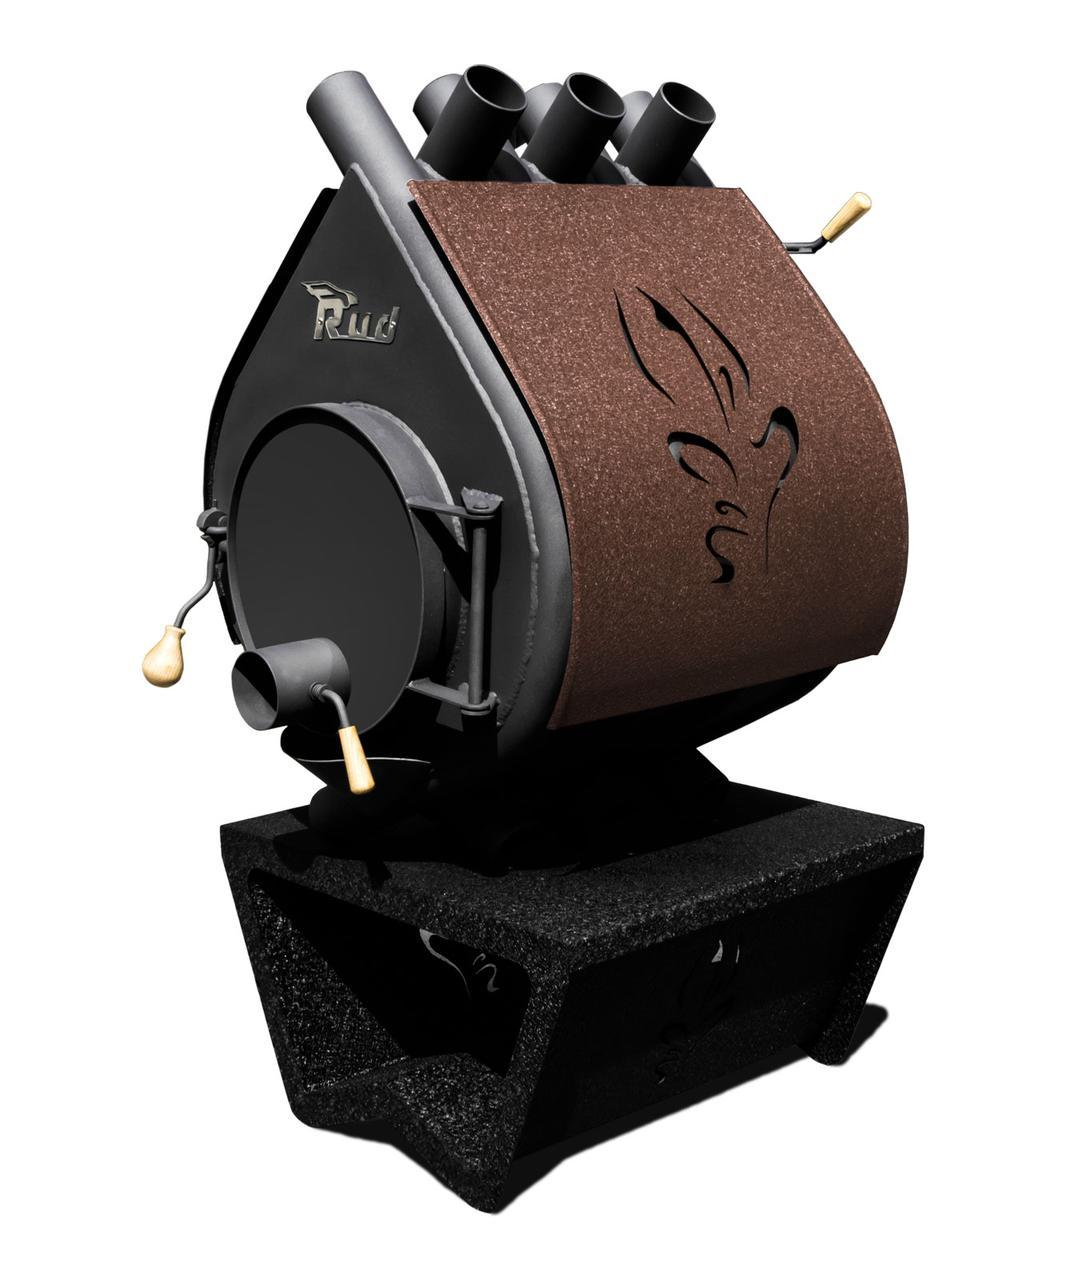 Печь Rud Pyrotron Кантри 01 (отапливаемая площадь 80 кв.м. х 2,5 м) без стекла, с обшивкой декоративной (коричневая)